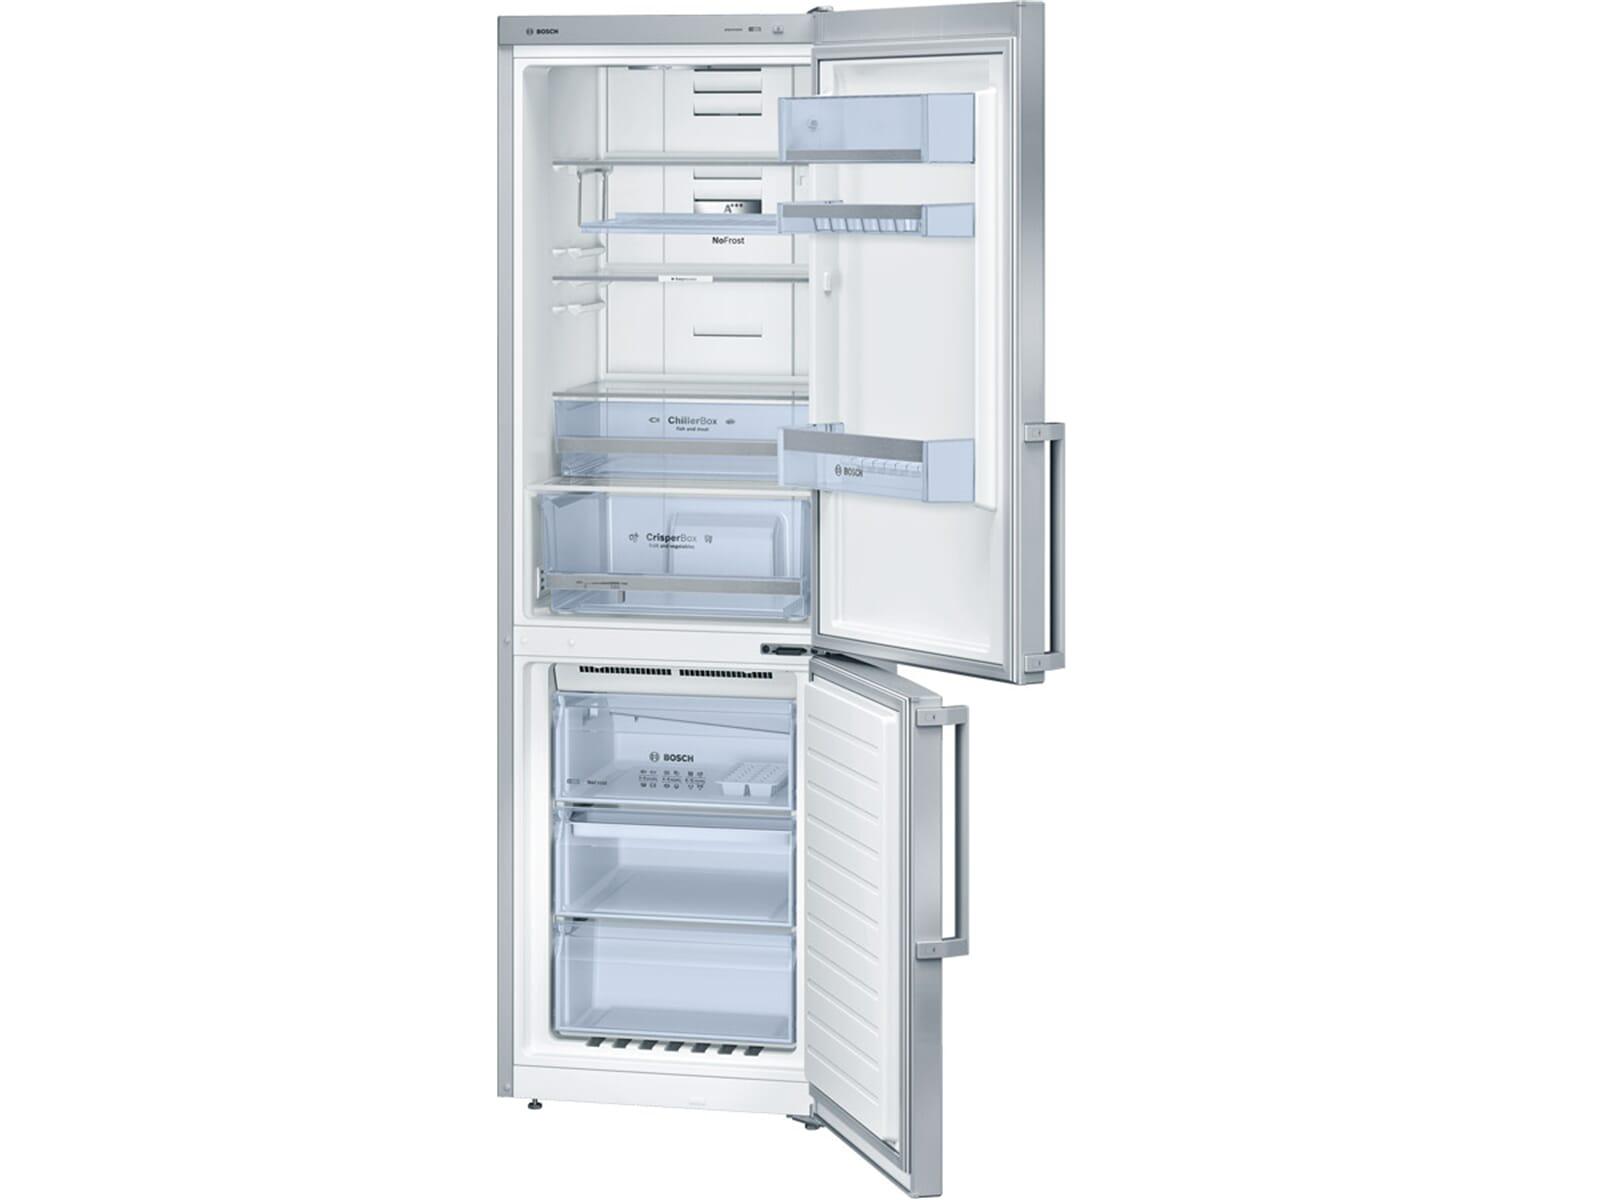 Bosch Kühlschrank Kgn 36 Xi 45 : Bosch kgn36xi45 kühl gefrierkombination edelstahl antifingerprint